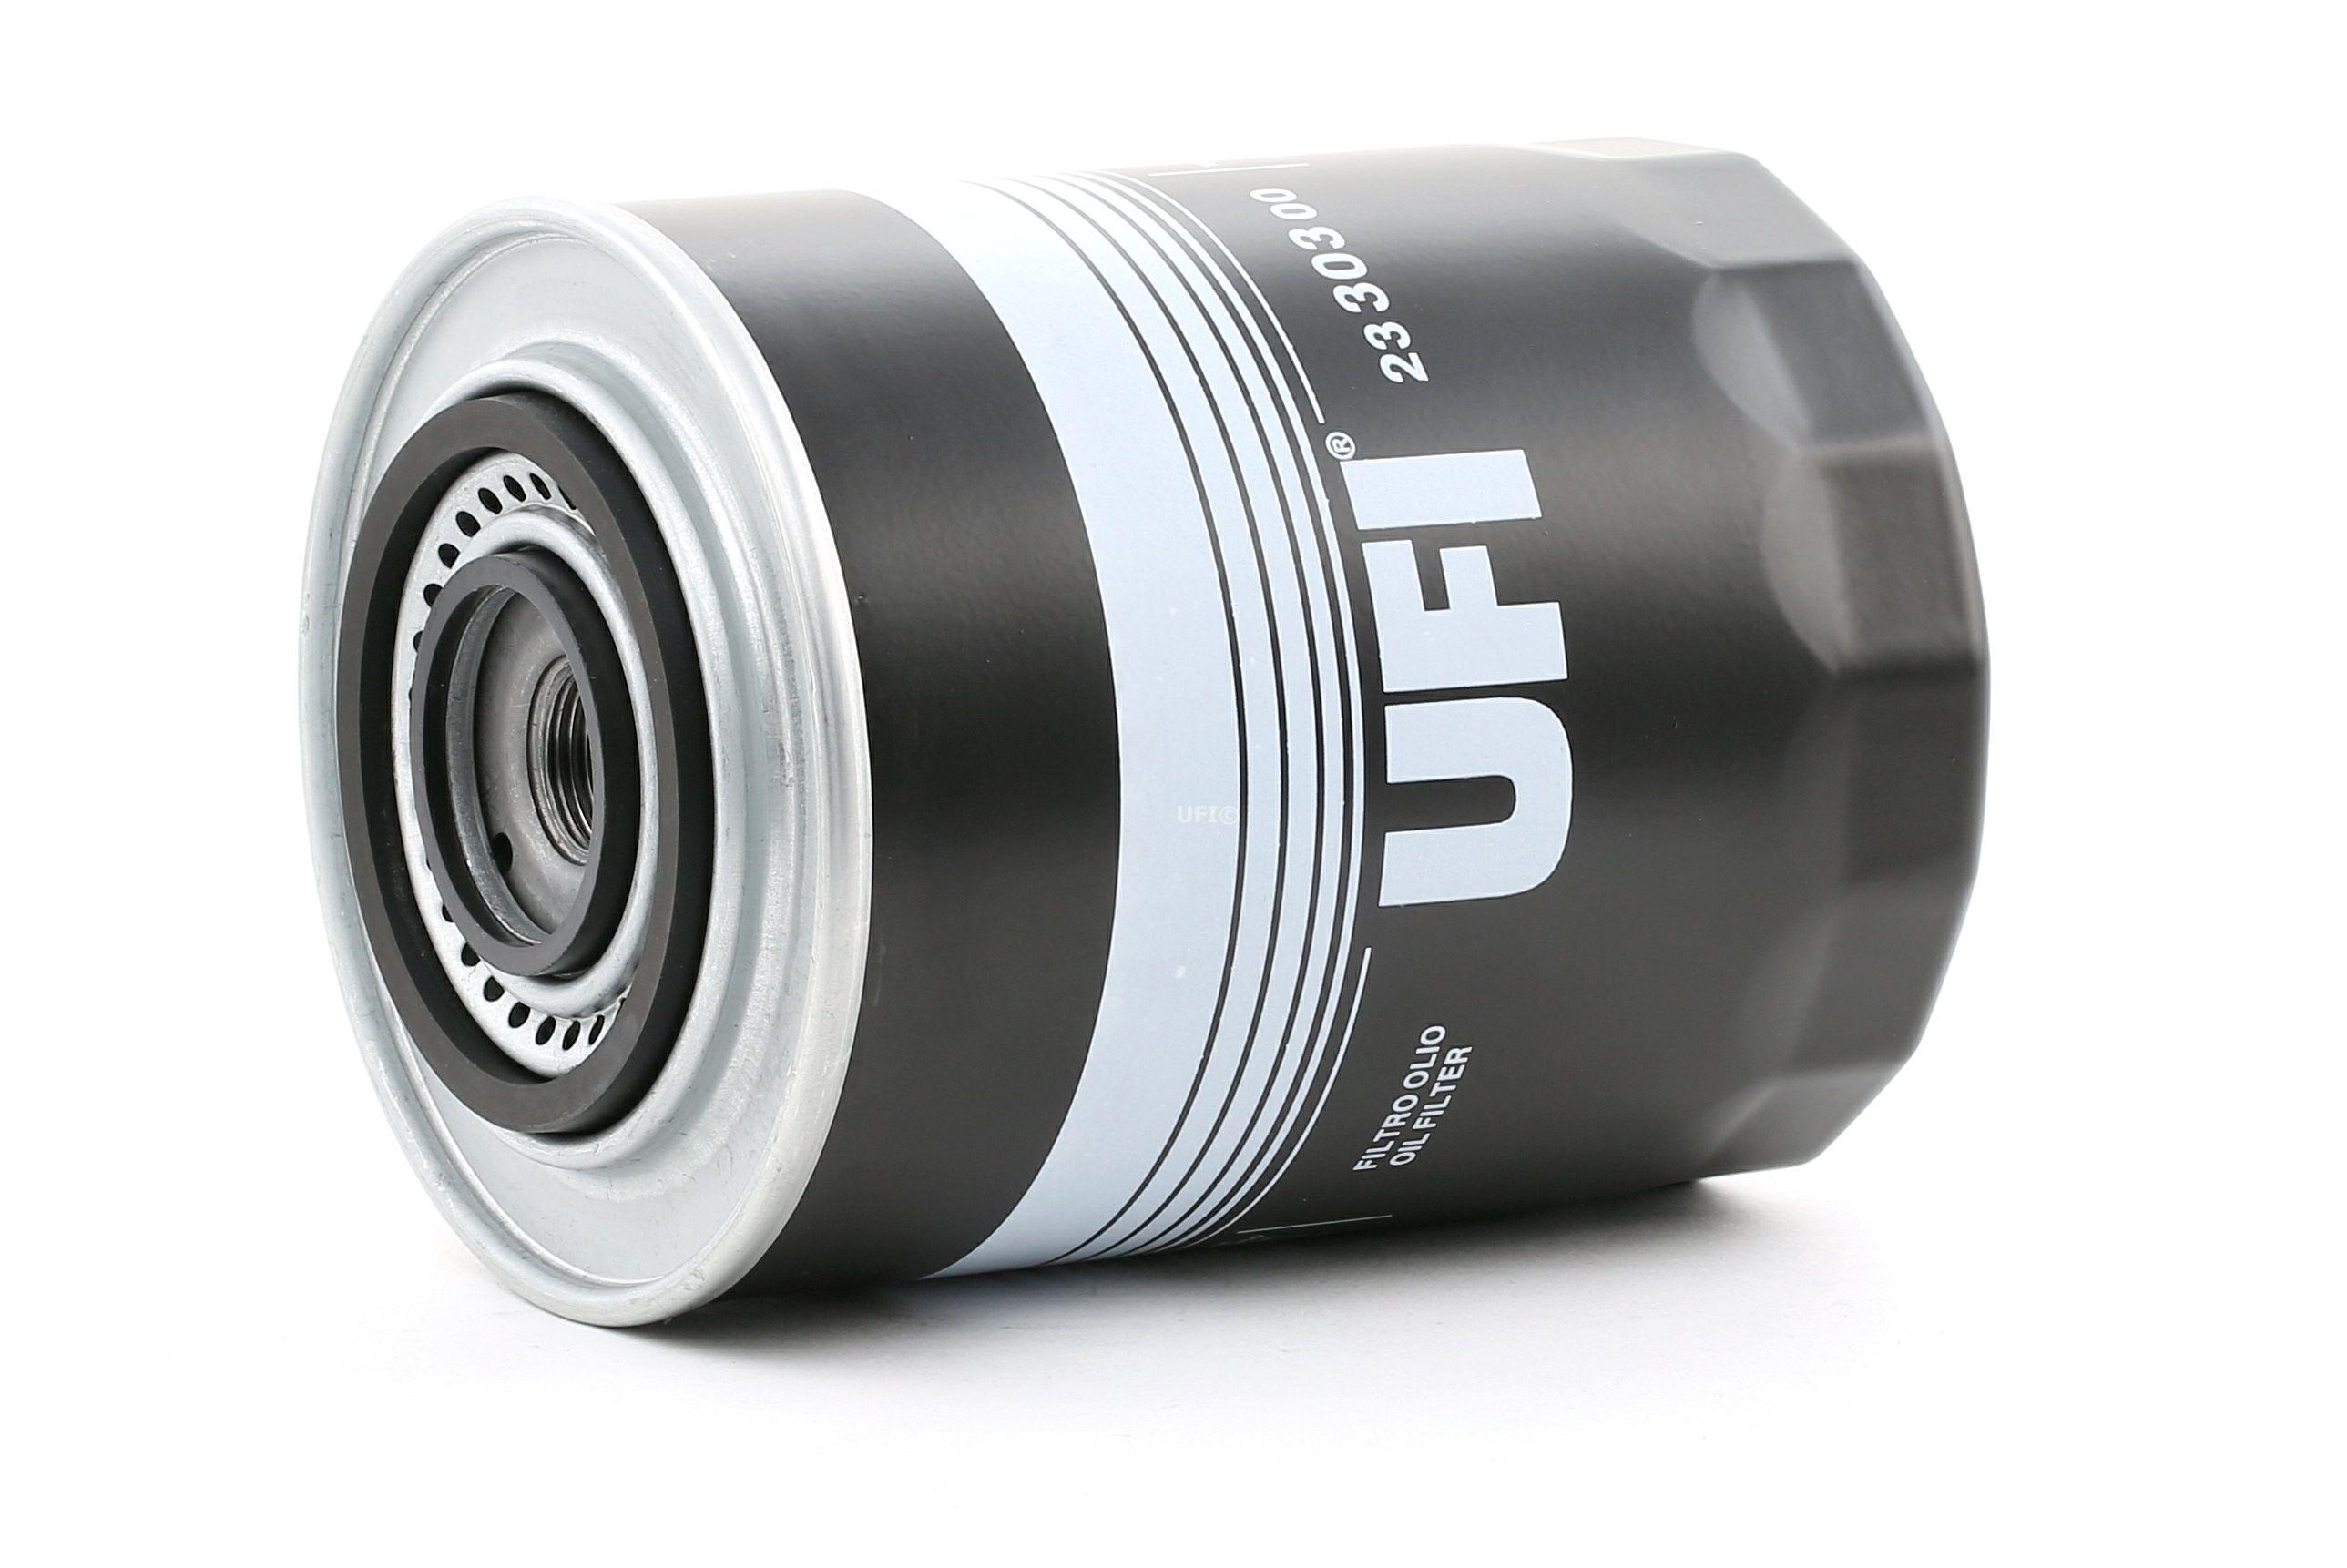 Wechselfilter UFI 23.303.00 Bewertung